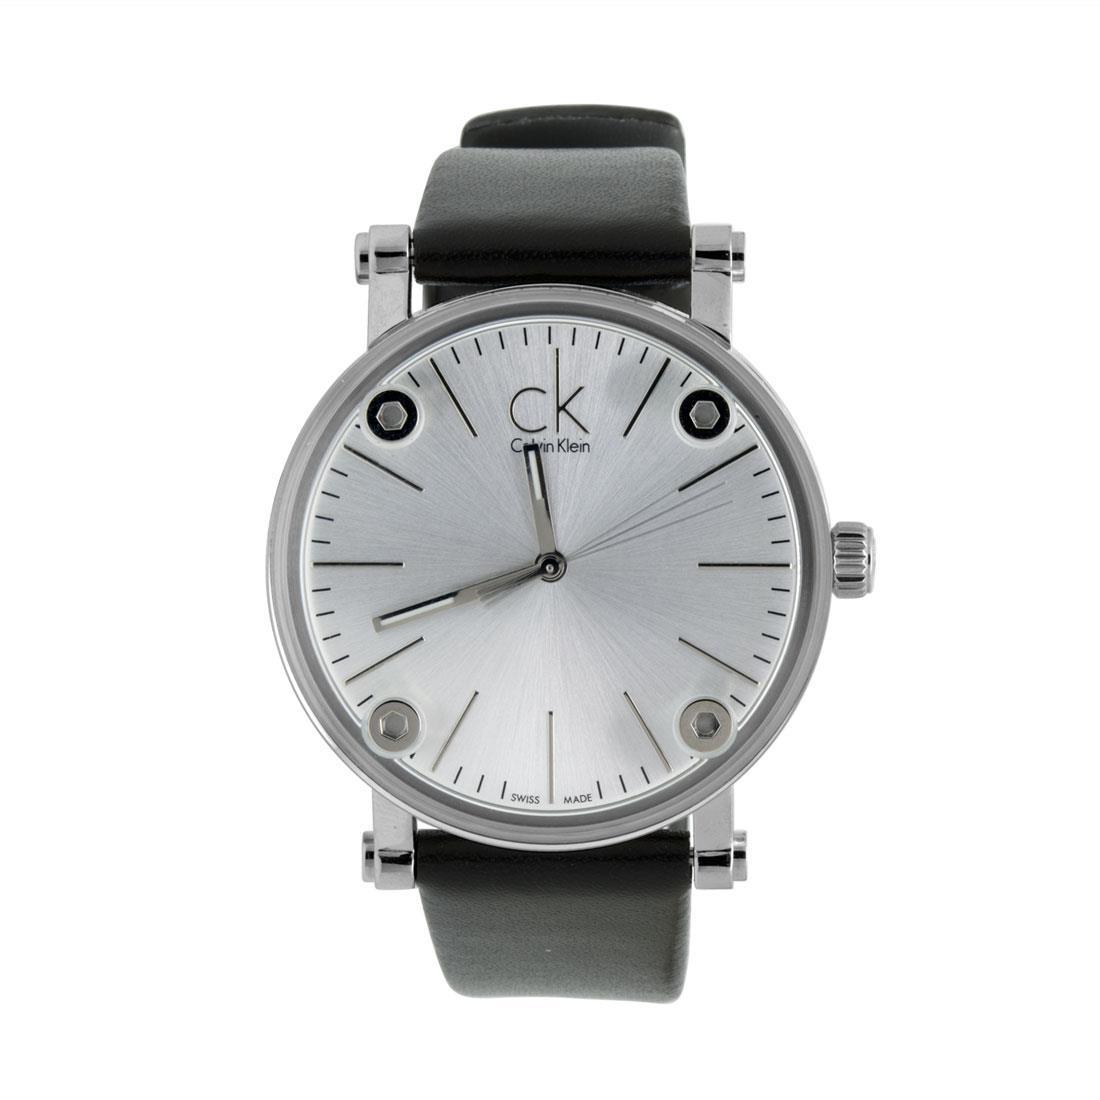 Orologio  Calvin Klein donna  cassa 34,6 mm - CALVIN KLEIN